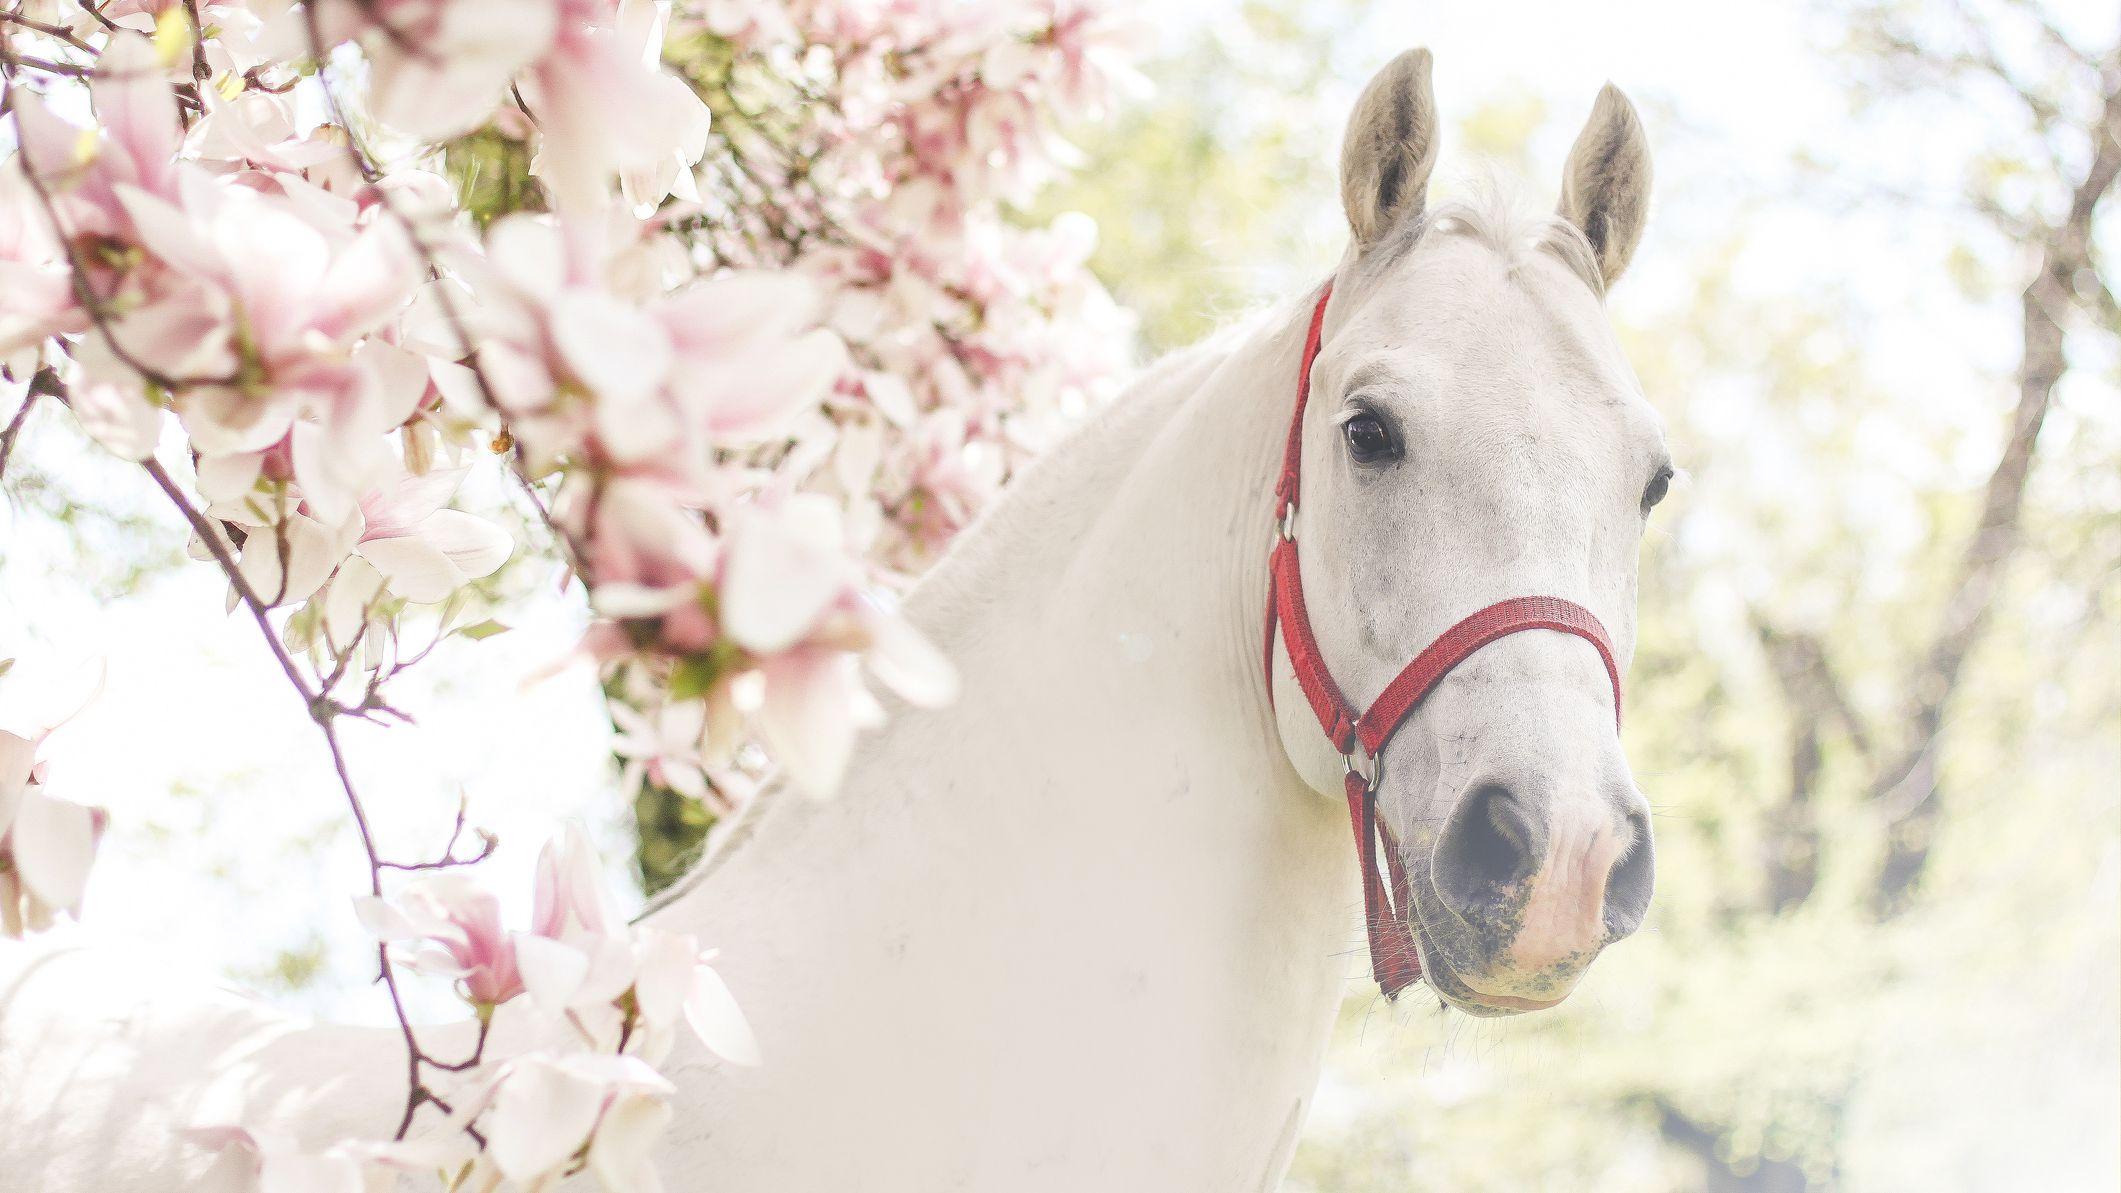 Jesus White Horse In Revelation